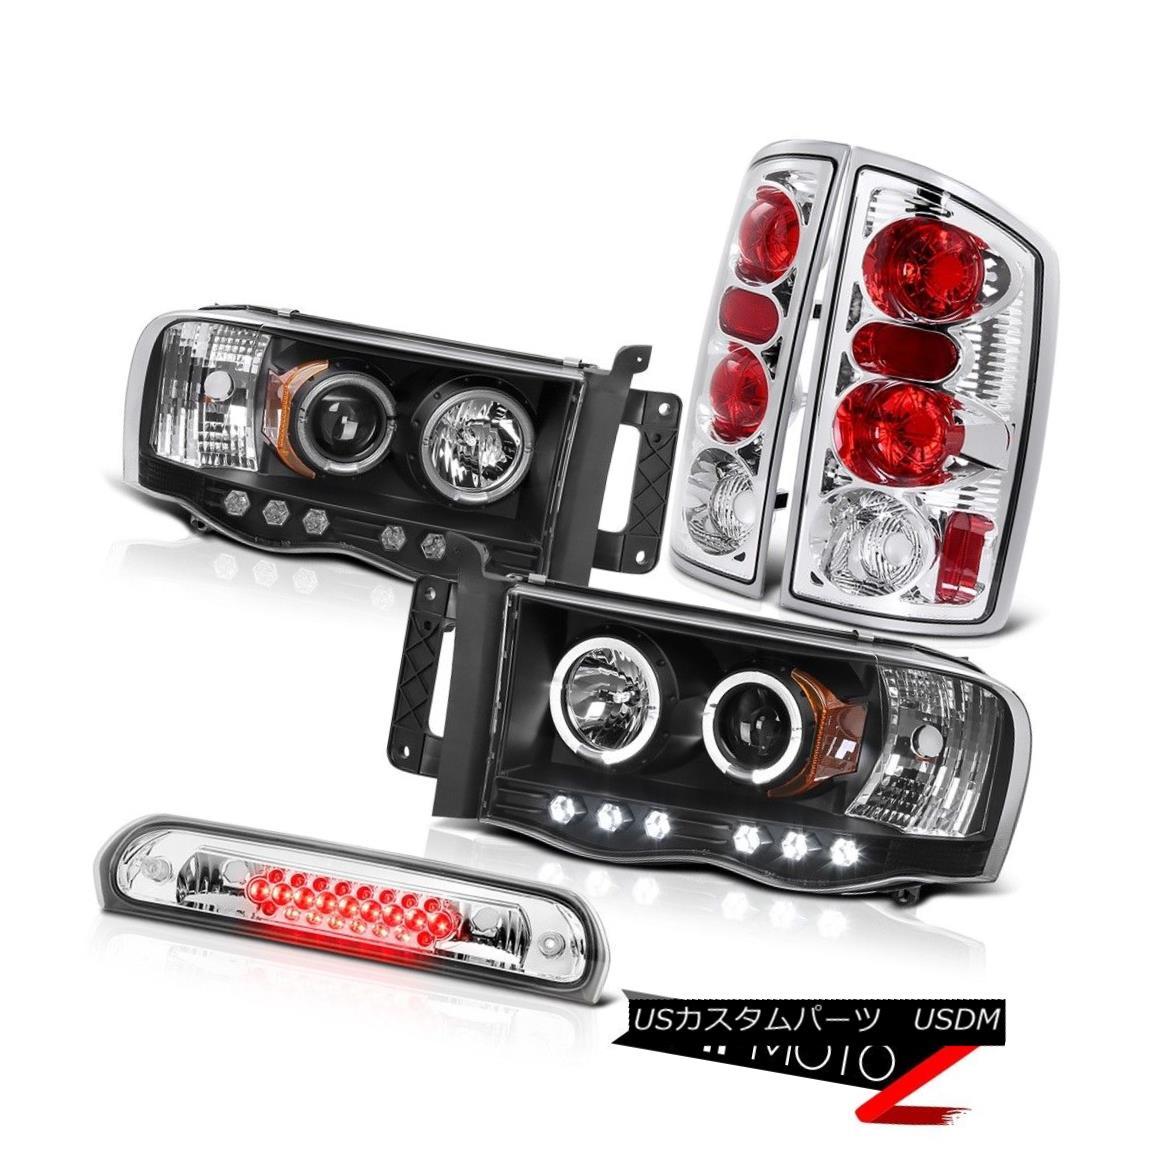 ヘッドライト Black Halo LED Headlights Chrome Rear Brake Tail Lights High 2002-2005 Ram 2500 ブラックハローLEDヘッドライトクロームリアブレーキテールライトハイ2002-2005 Ram 2500